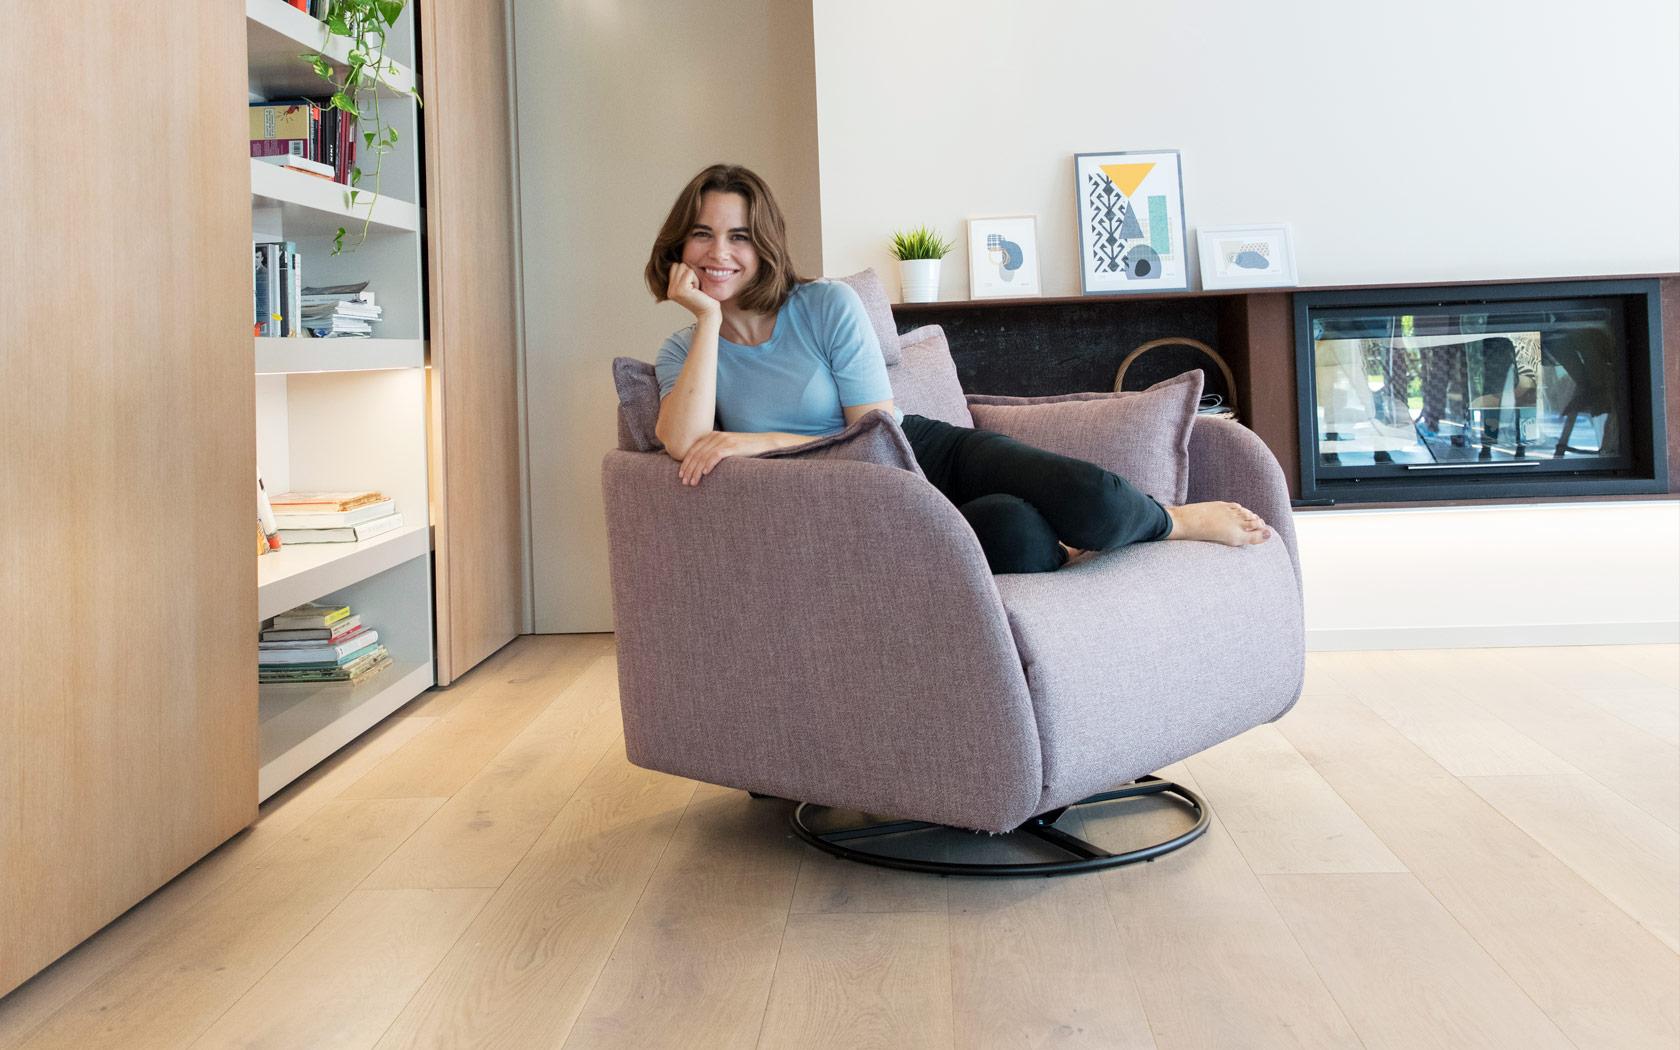 Eva sillón relax 2020 01